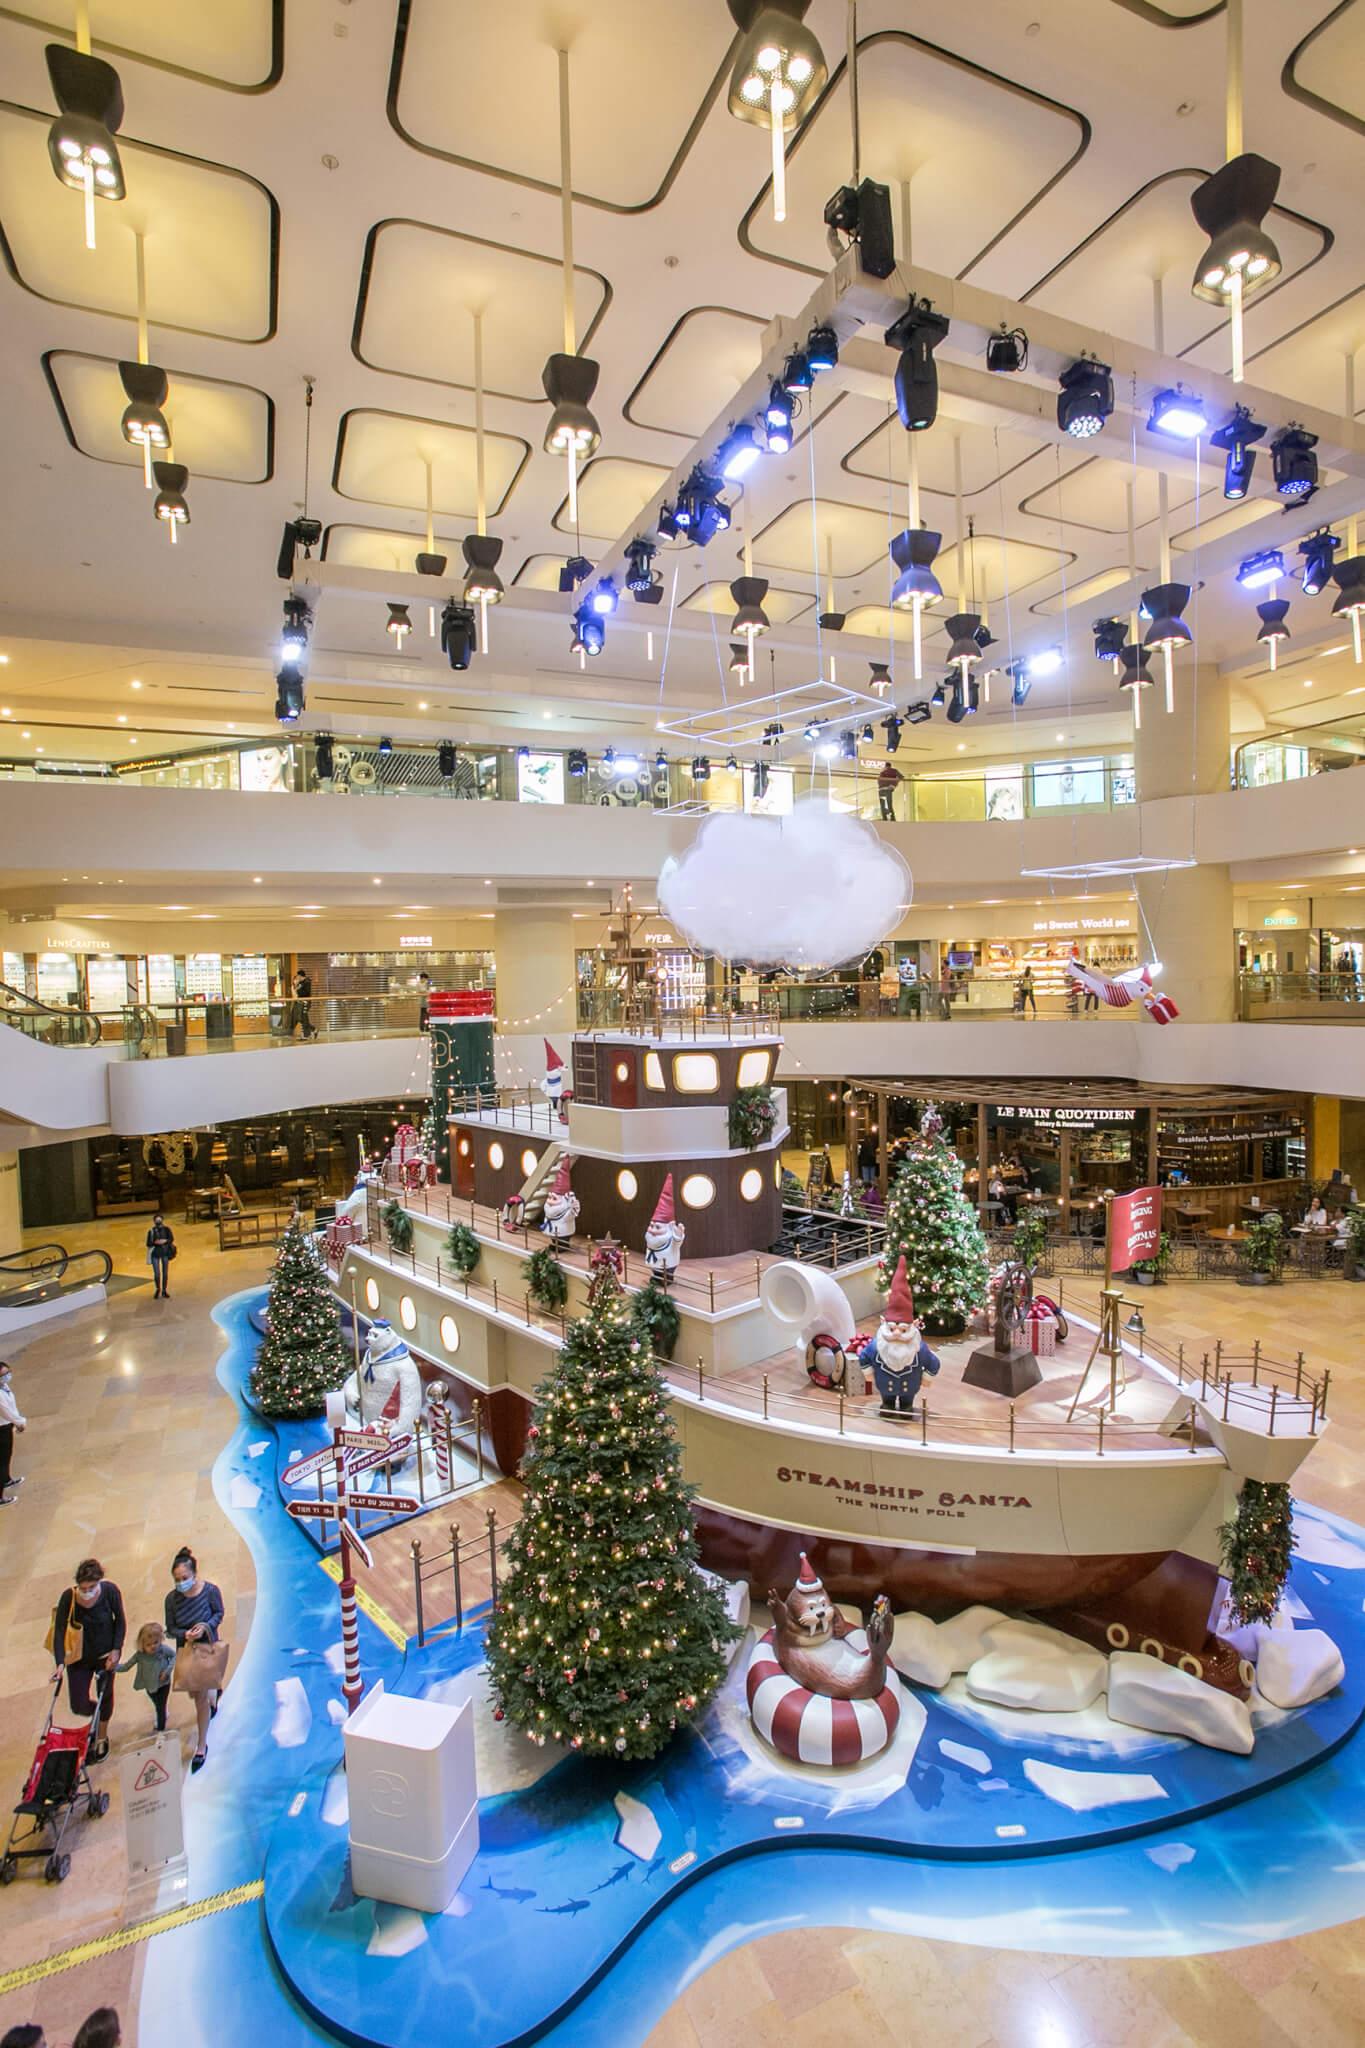 遠從北極來到香港的「聖誕老人號」停泊在金鐘太古廣場